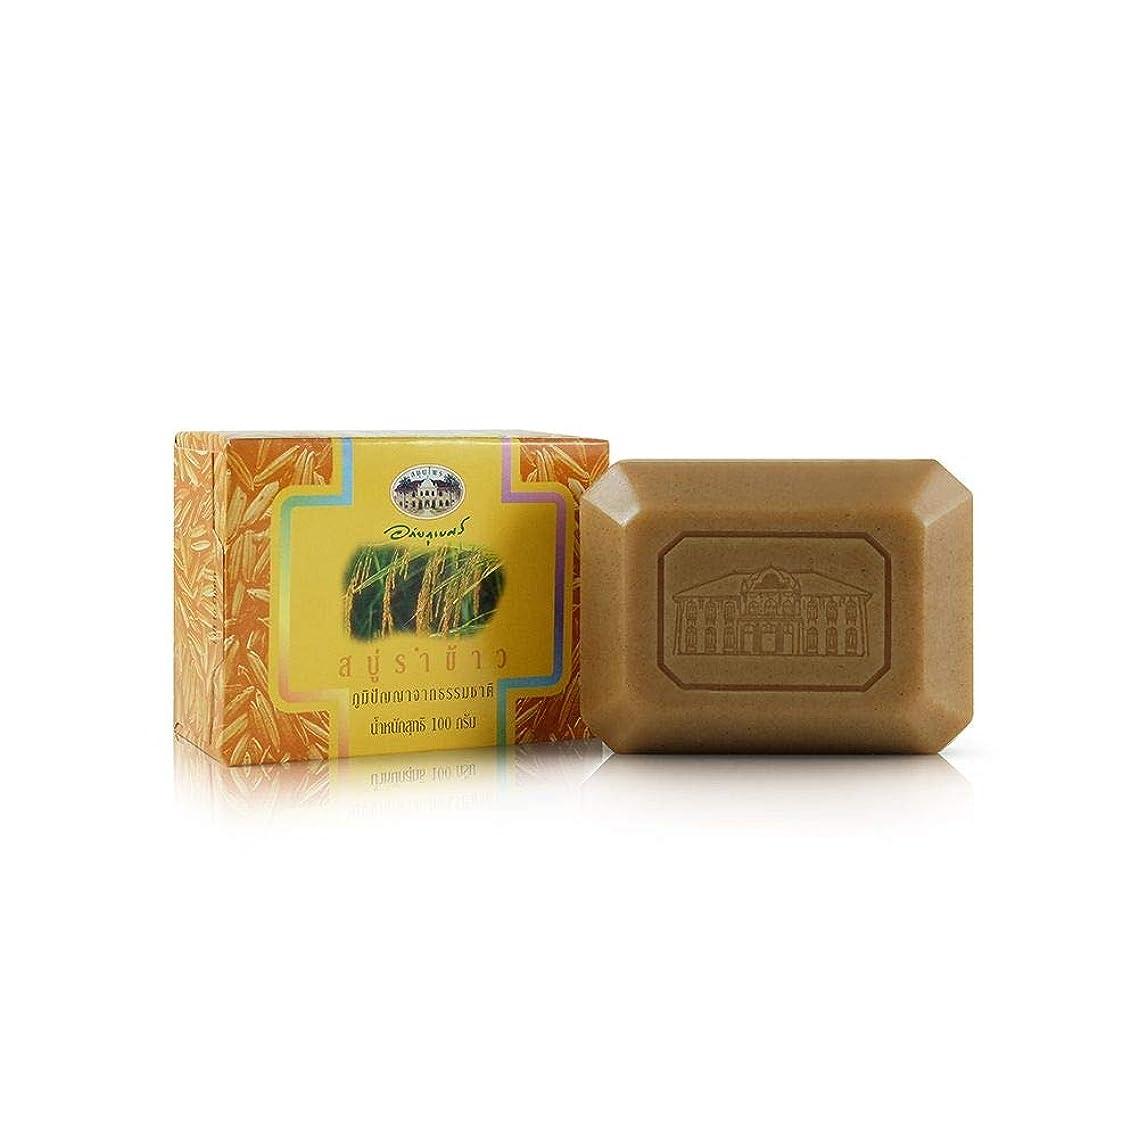 資産司令官教えAbhaibhubejhr Rice Bran Herbal Body Cleansing Soap 100g. Abhaibhubejhrライスブランハーブボディクレンジングソープ100グラム。